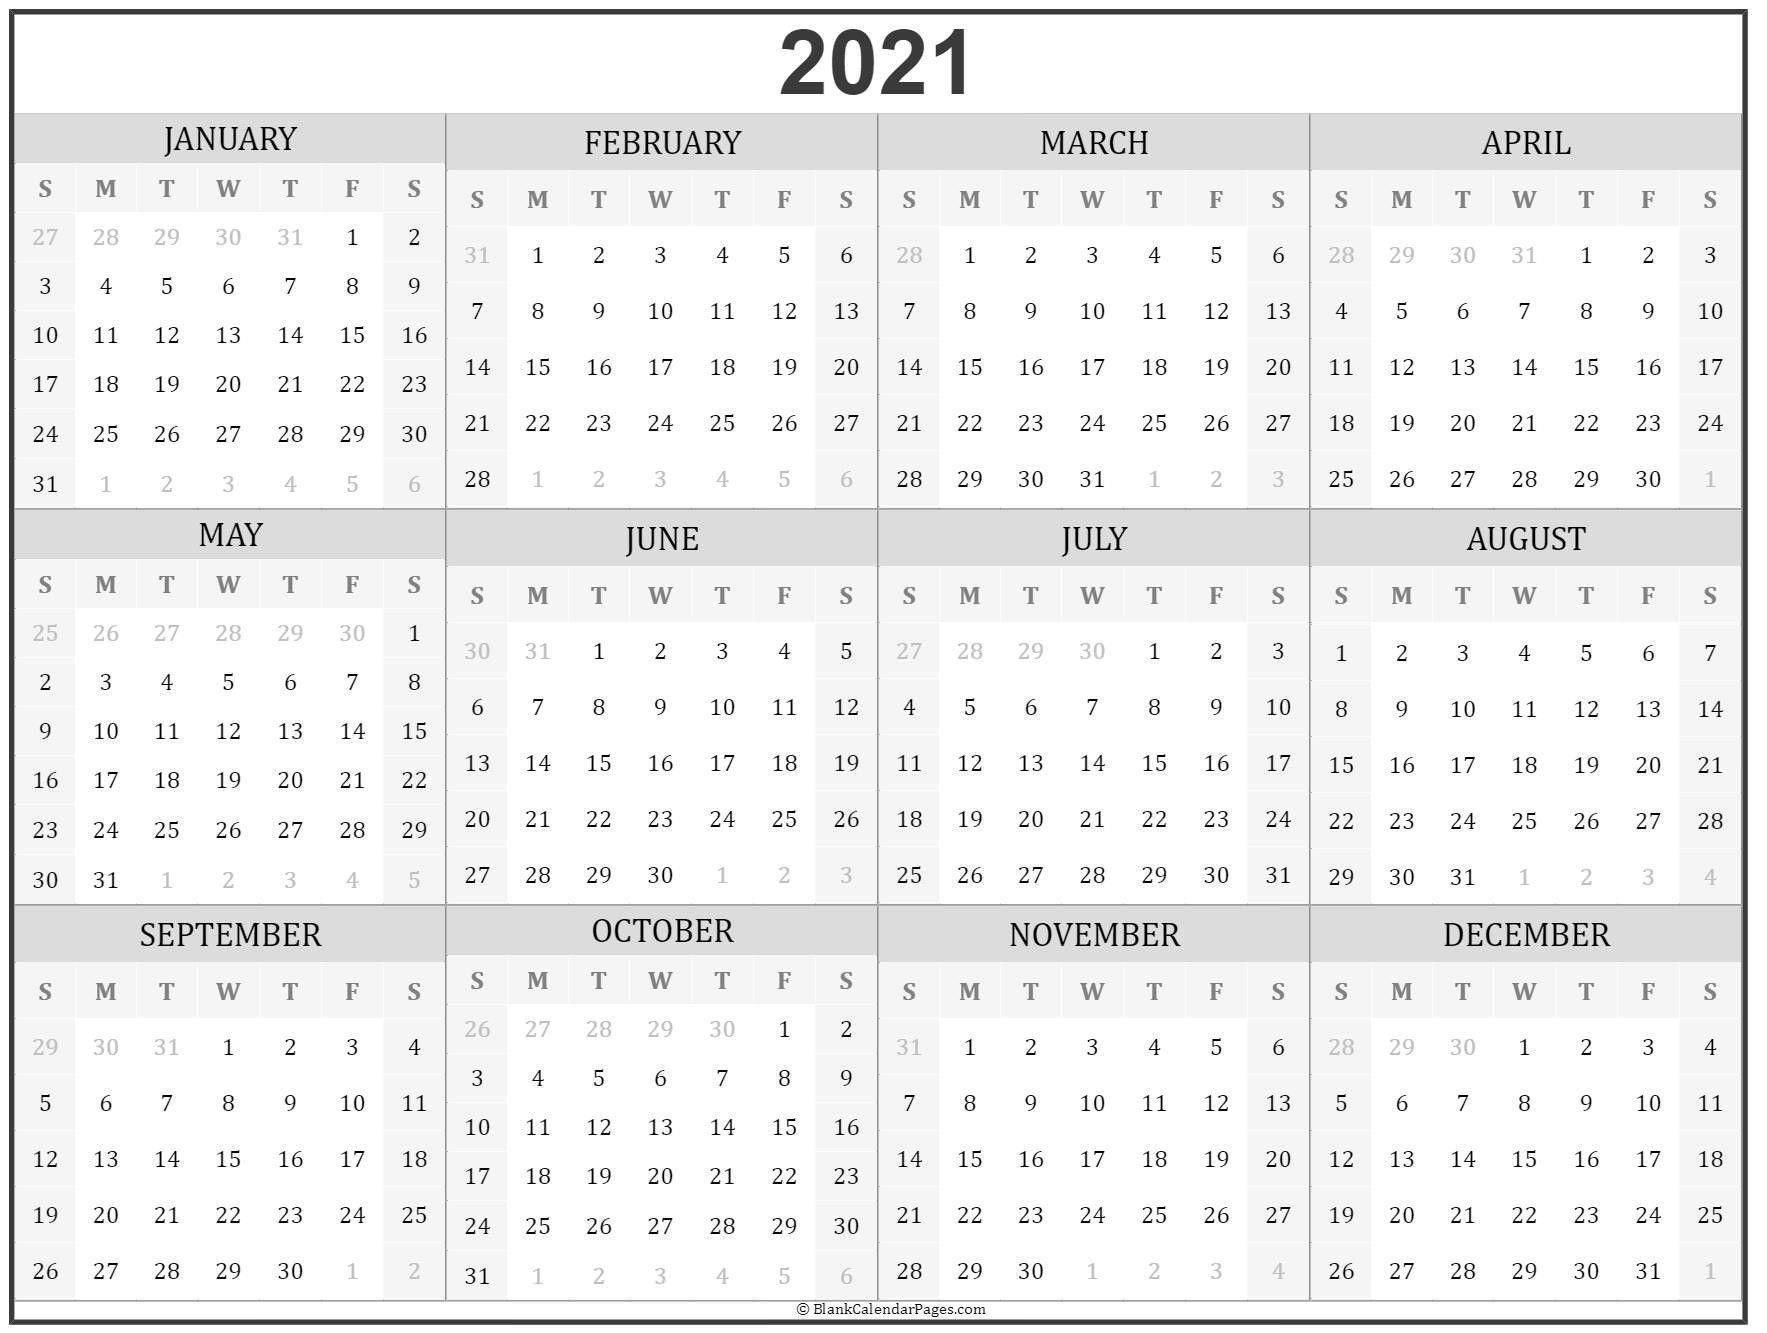 2021 Year Calendar In 2020 | Printable Calendar Design